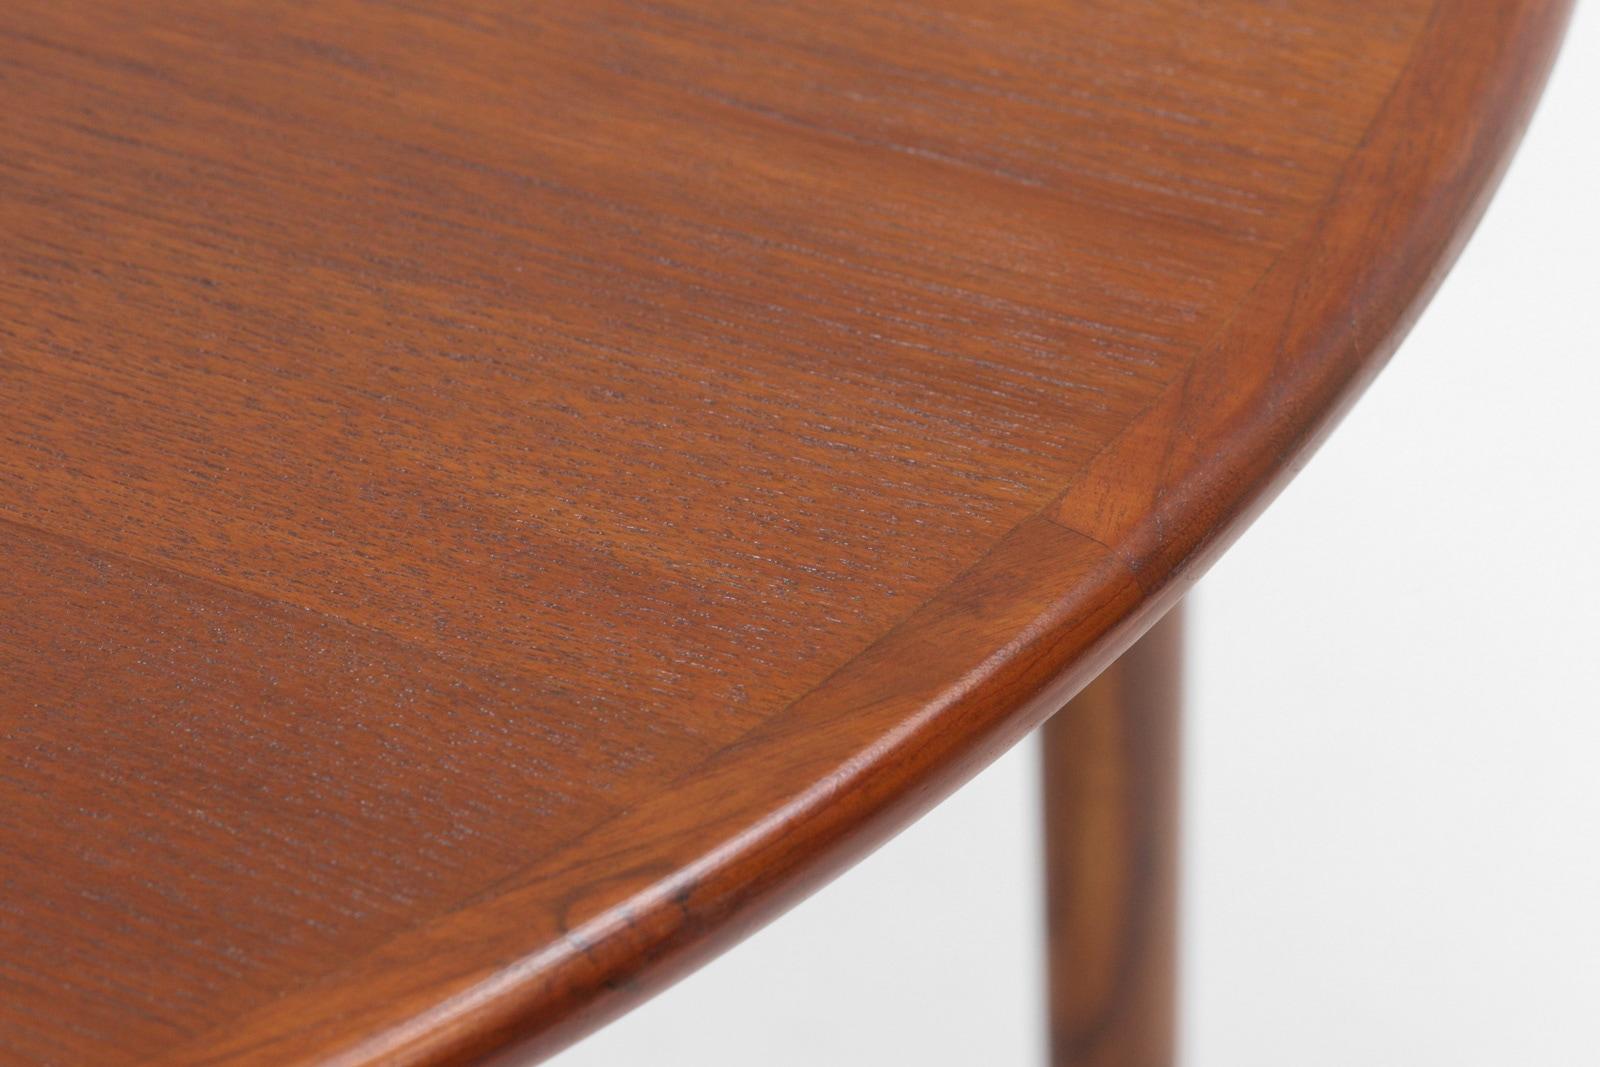 ダイニングテーブル,丸,北欧,デンマーク, 家具,クロッケン,チーク材